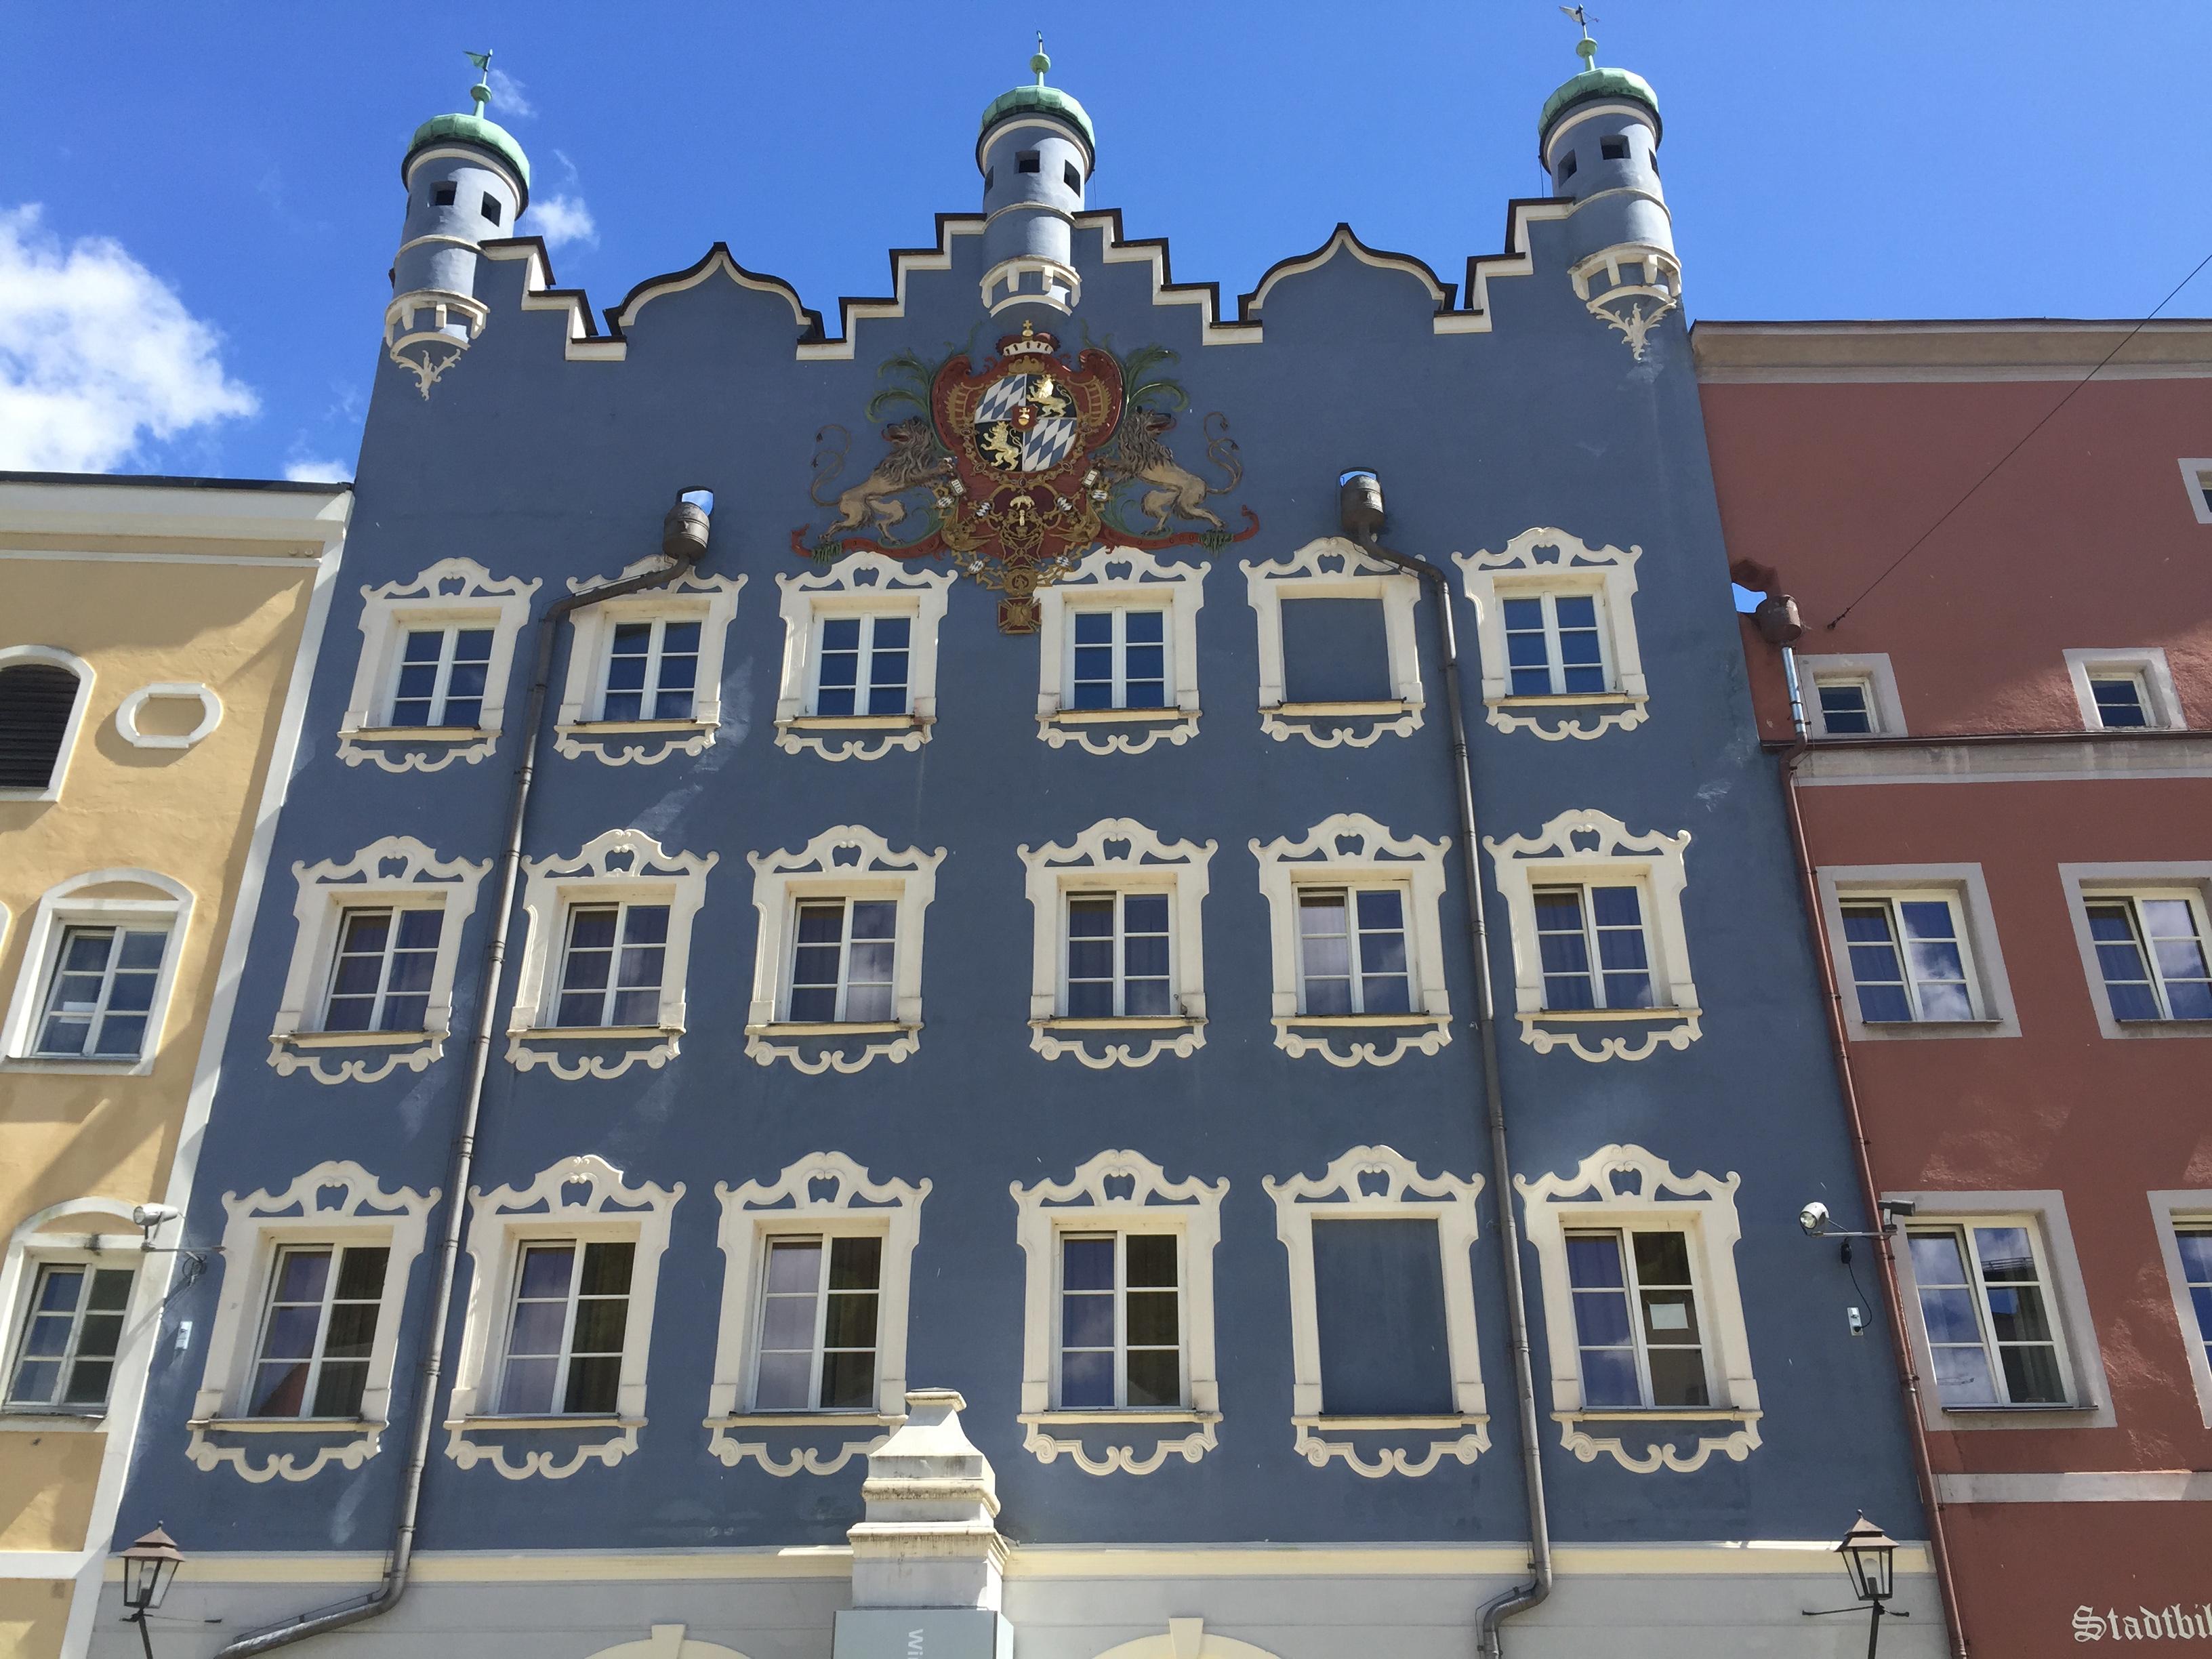 20160813 1 Burghausen (16)